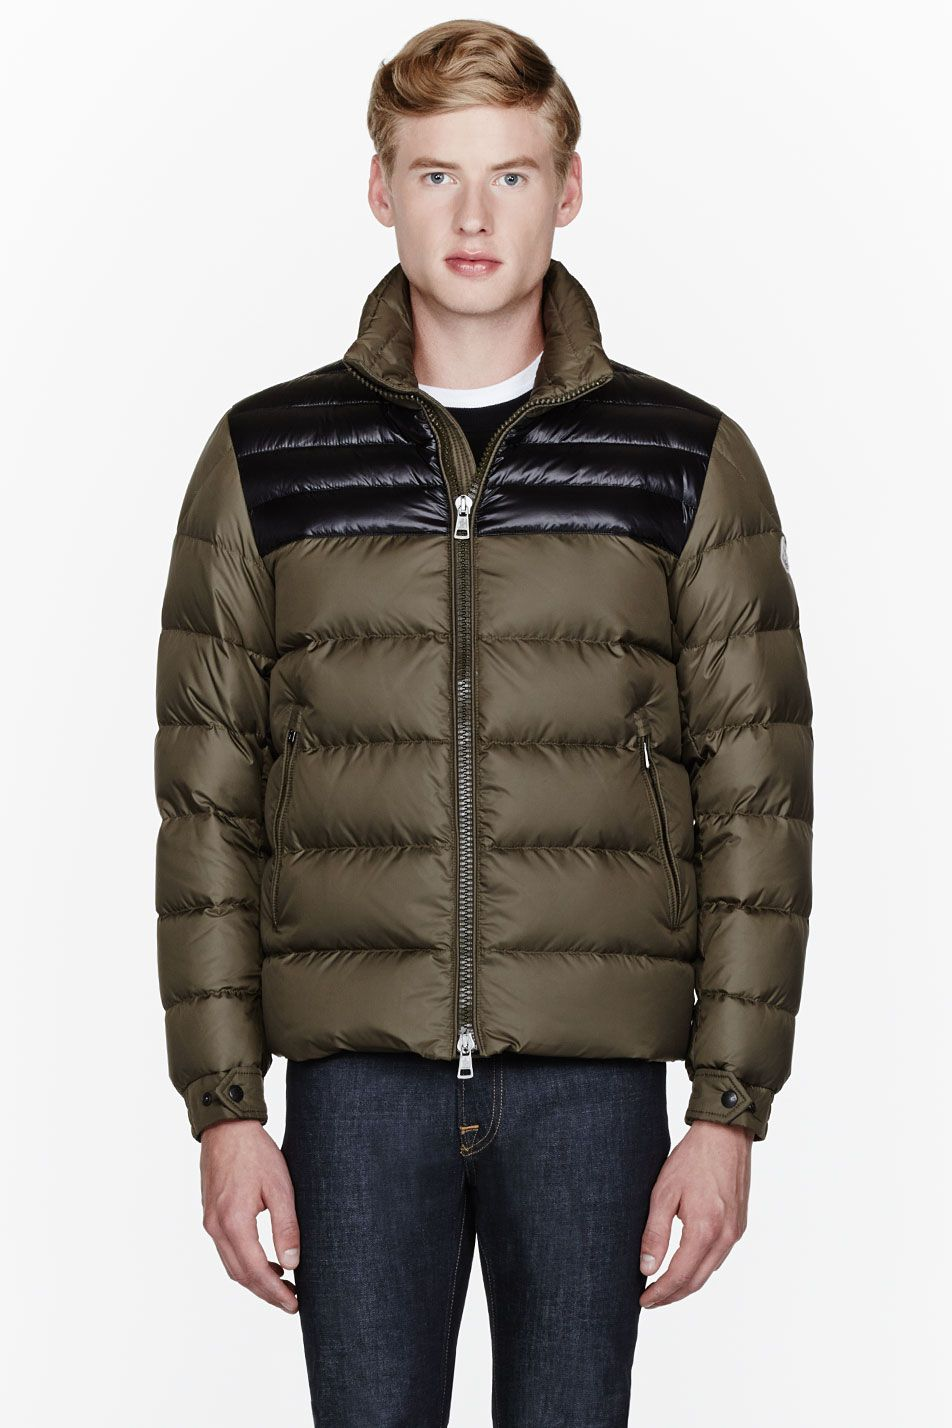 moncler olive jacket